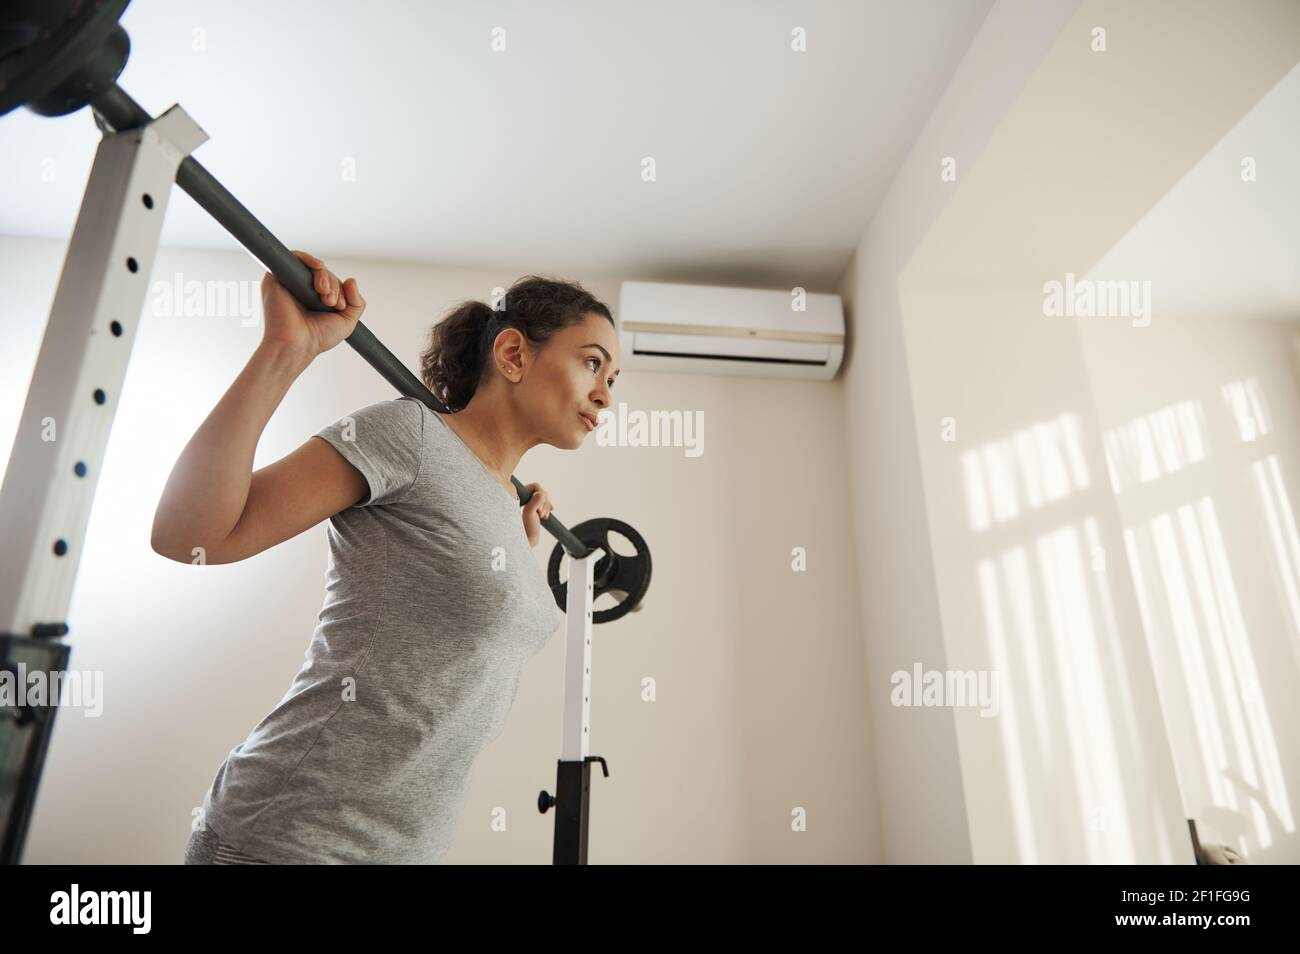 Belle femme s'entraîner avec un barbell à la maison. Concept de mode de vie actif et sain Banque D'Images